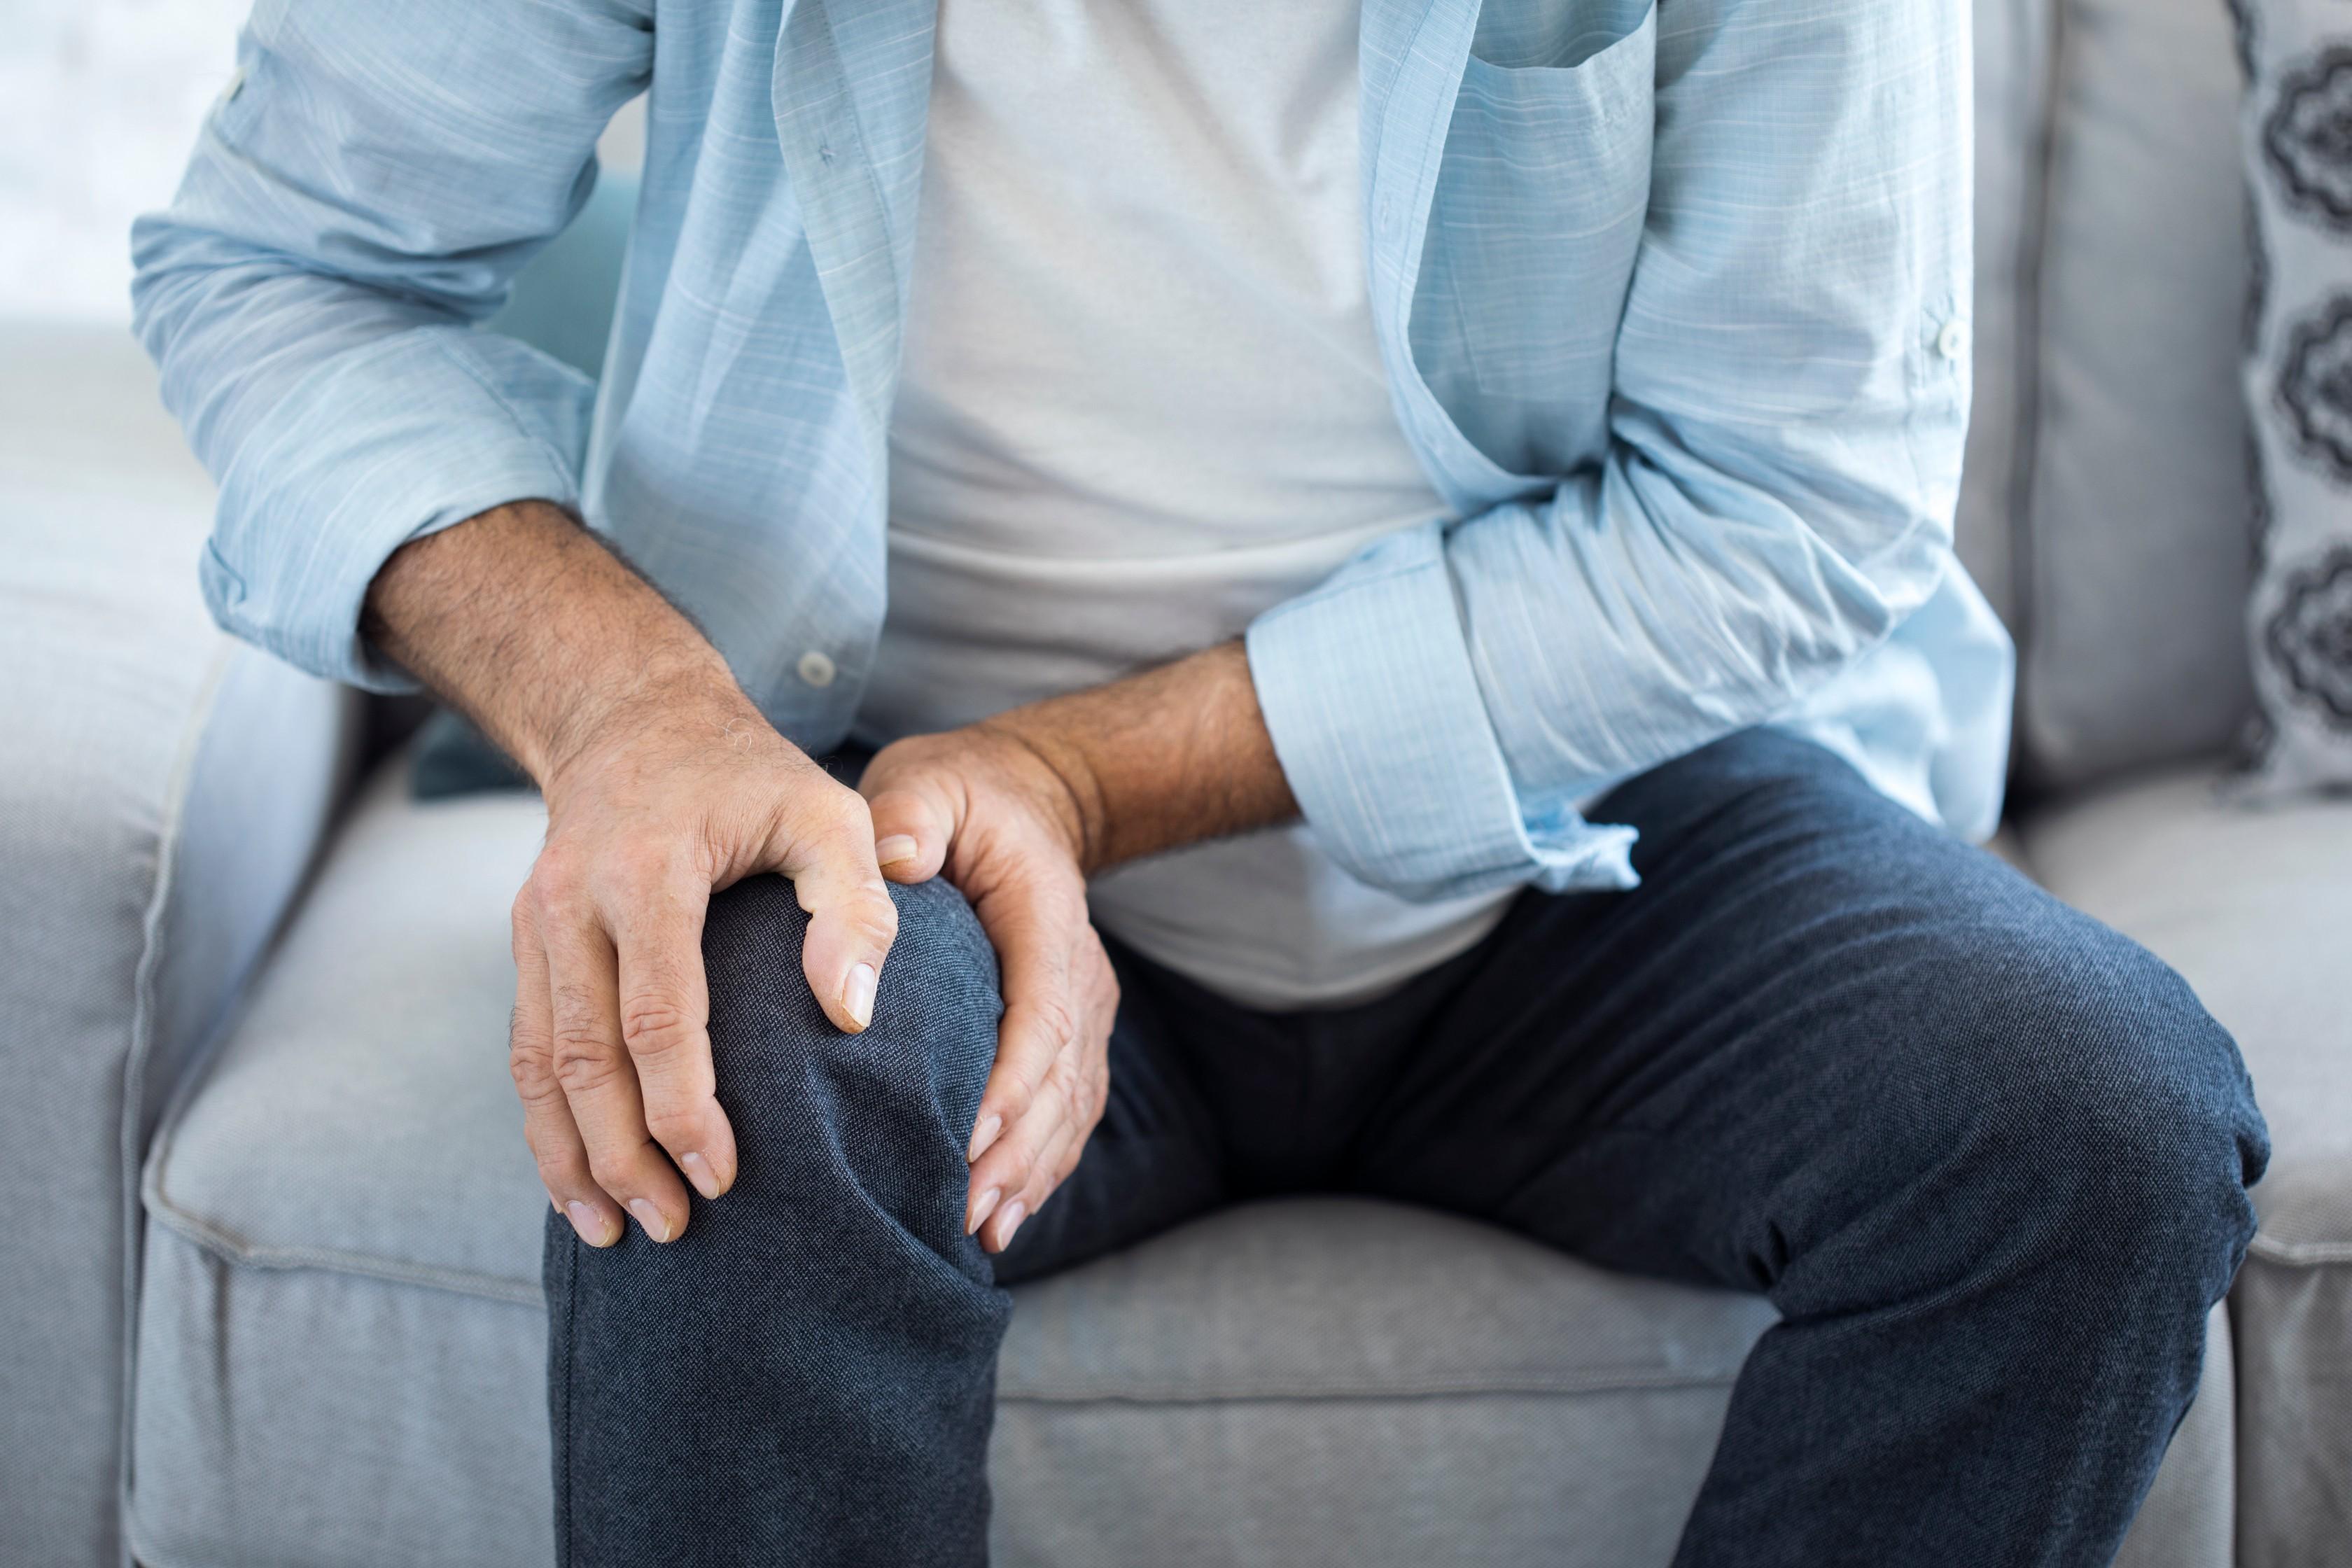 ízületi fájdalomkezelés kenőcsökkel